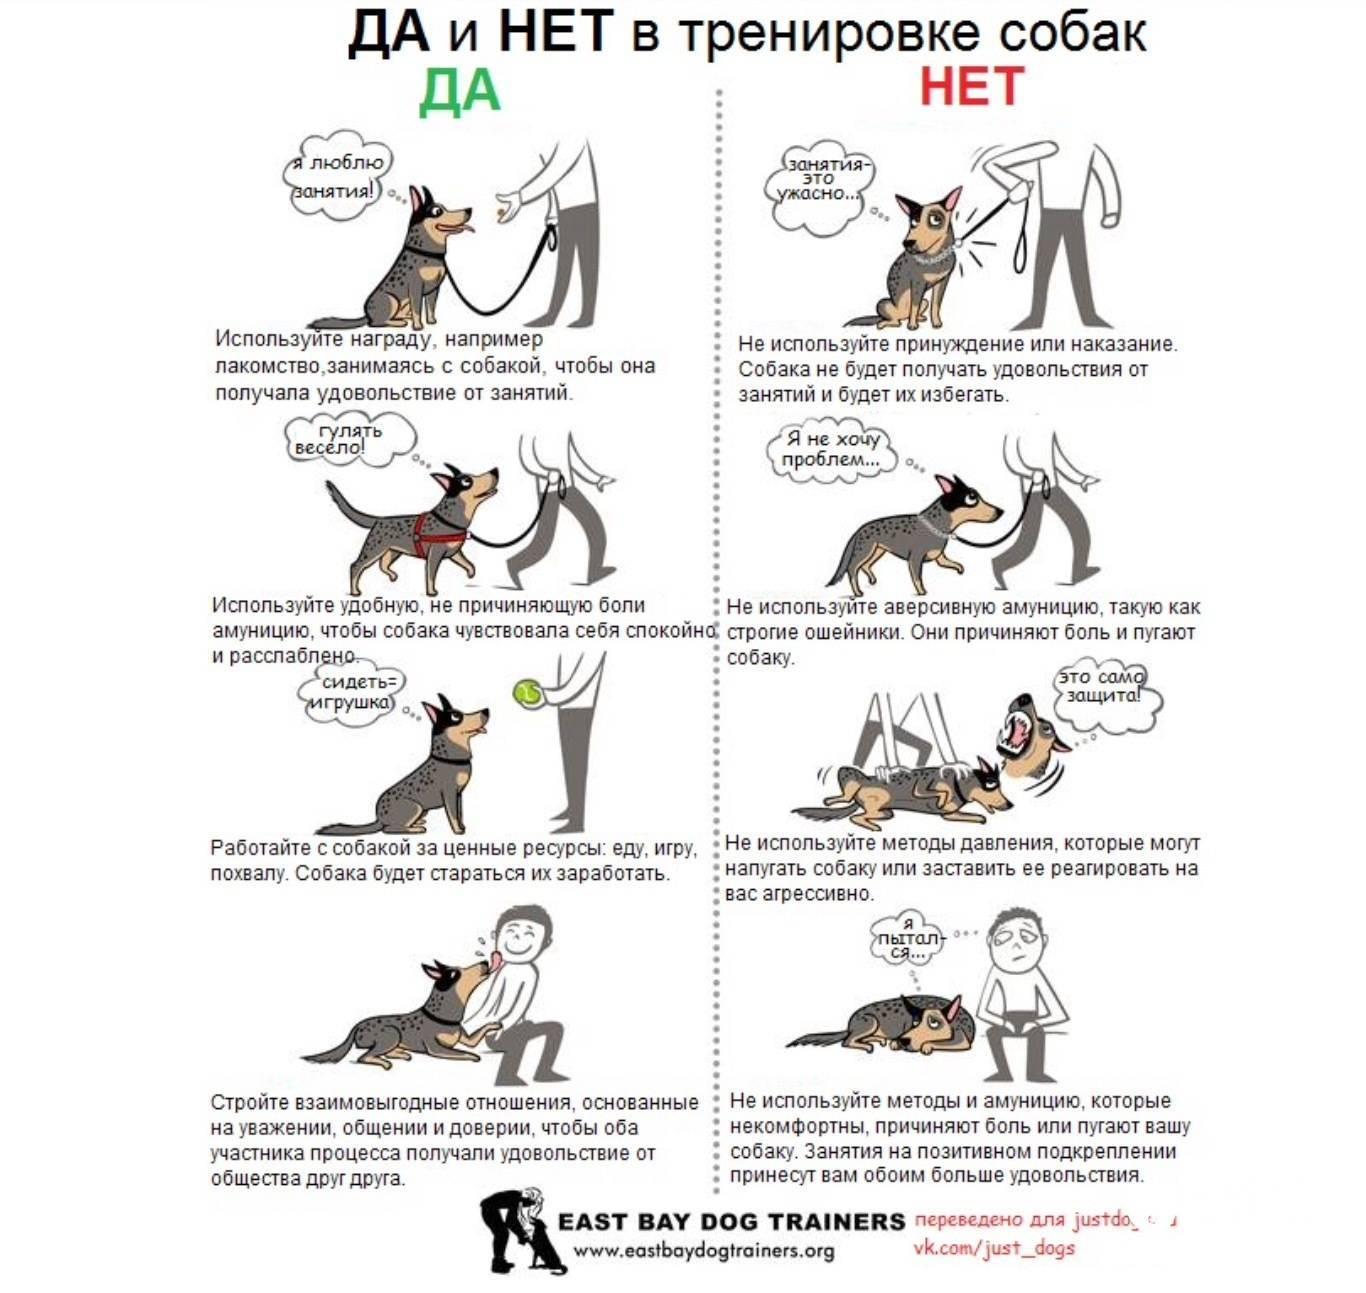 Что нужно знать о дрессировке собак в домашних условиях?